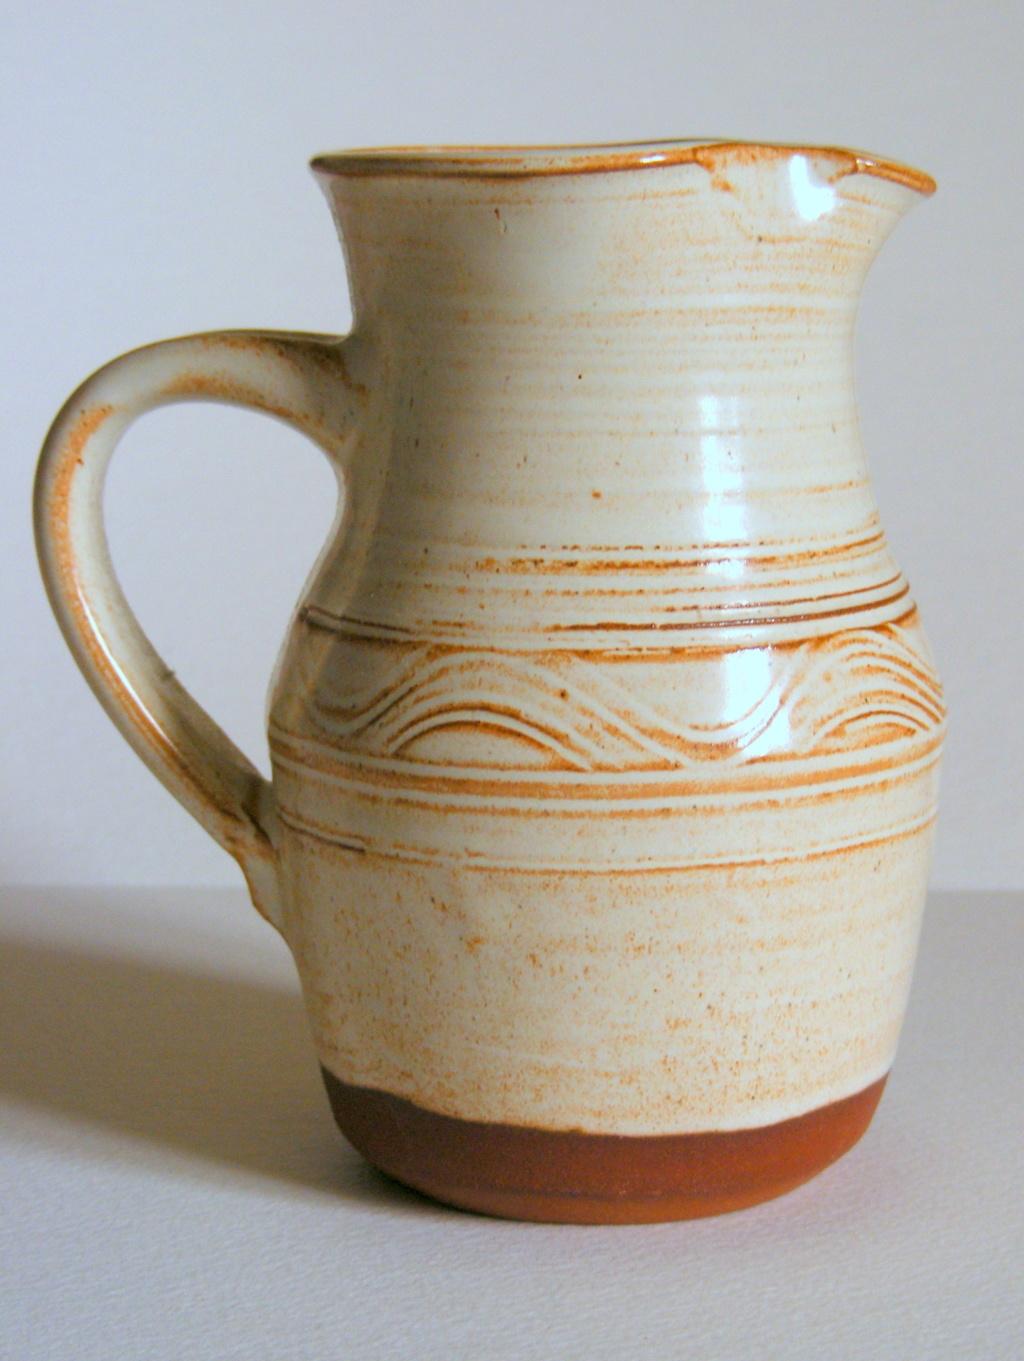 Earthenware Vase J S or T S initials - John Shelly? I.D. help appreciated. Dscf5311